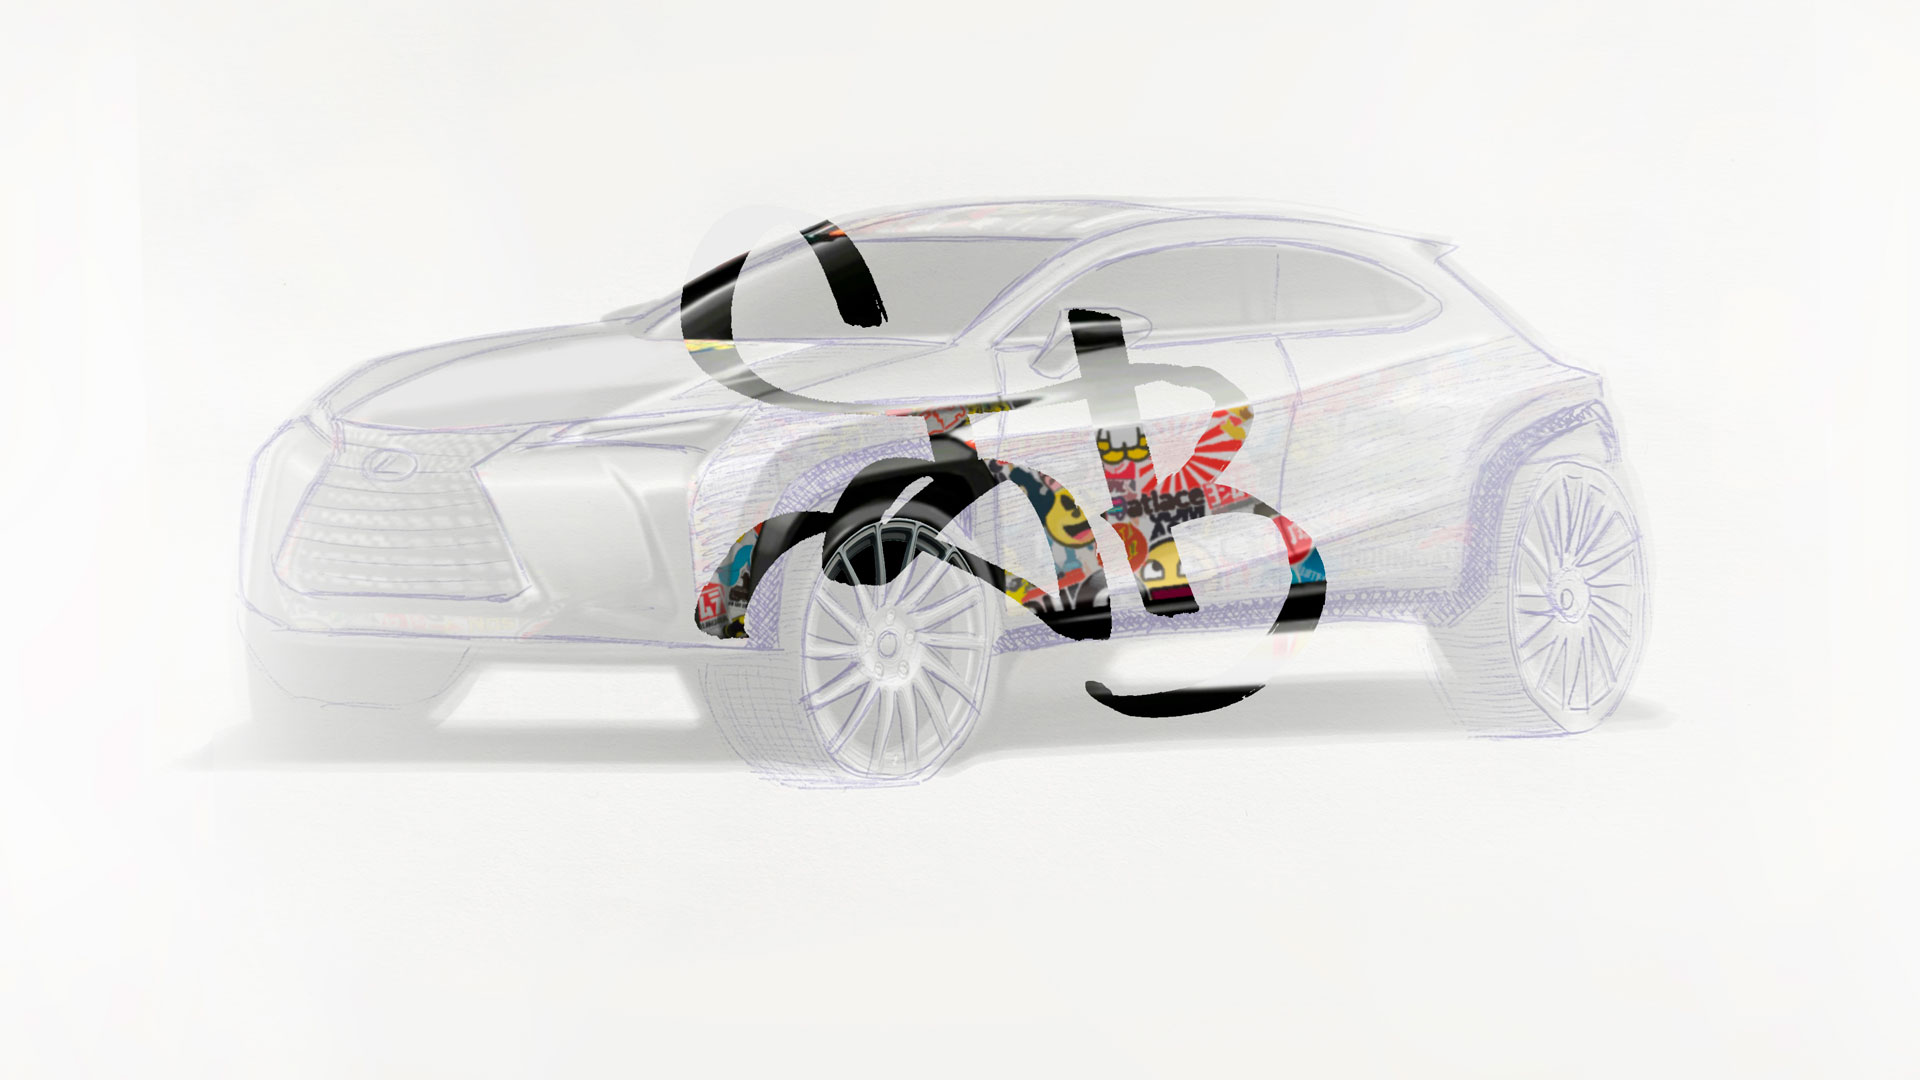 Imagen teaser de Lexus